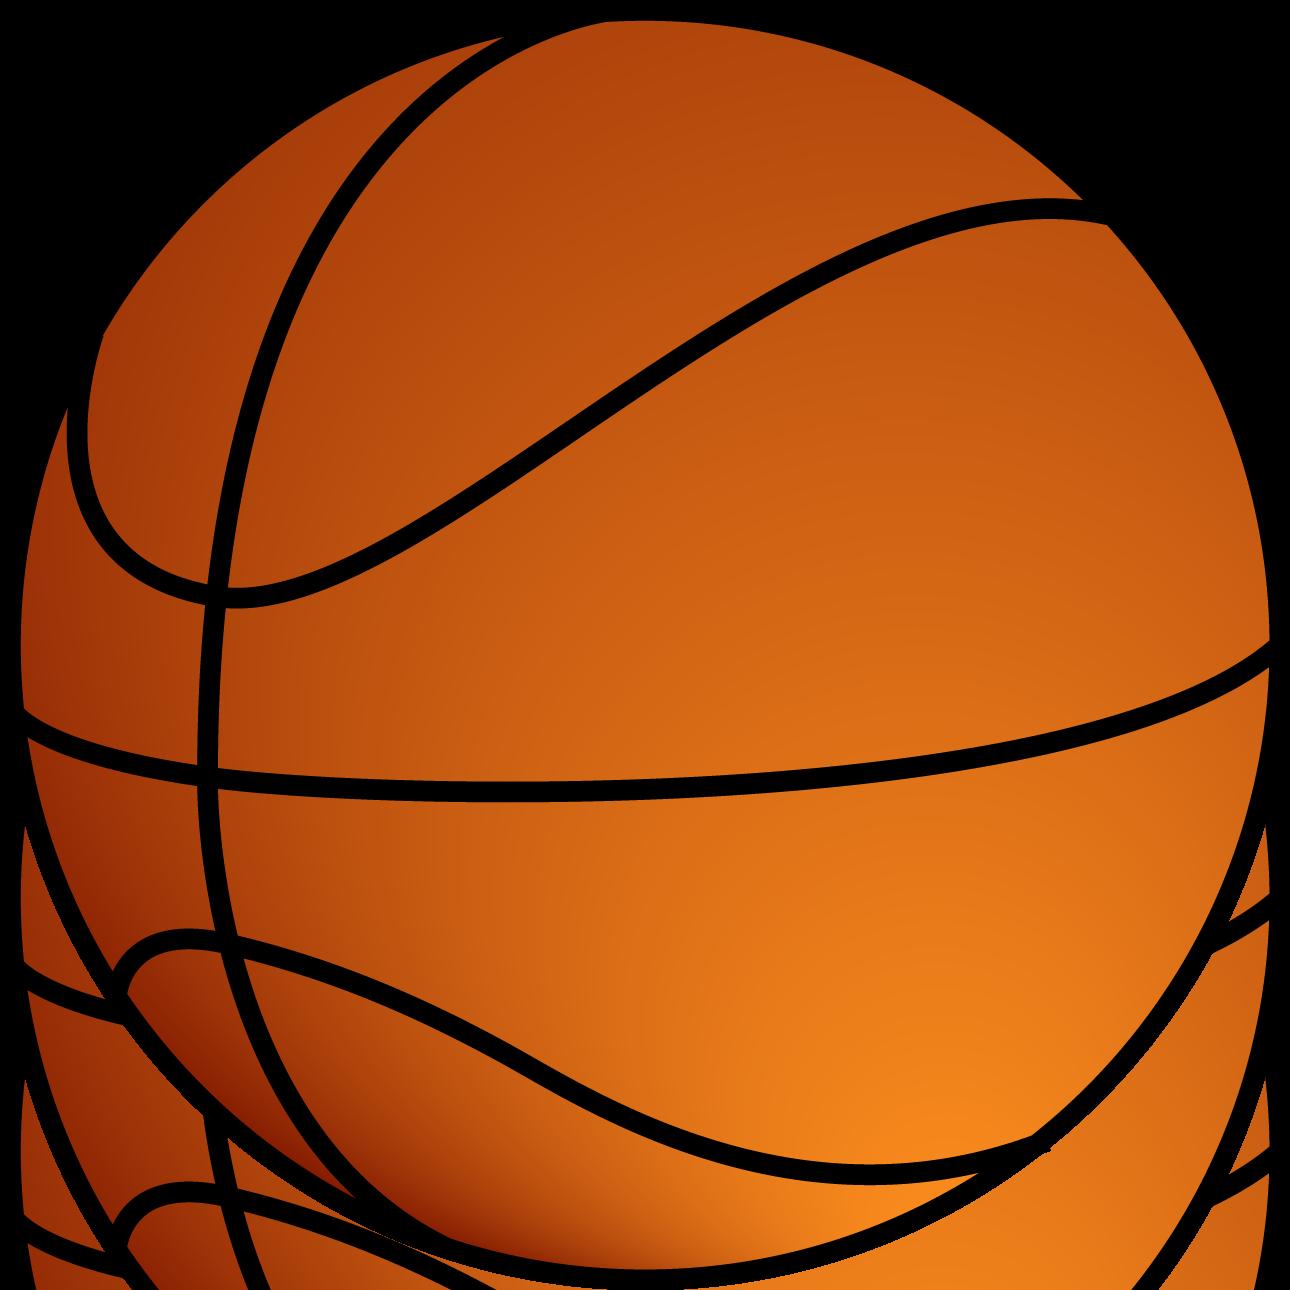 Баскетбол картинки на прозрачном фоне